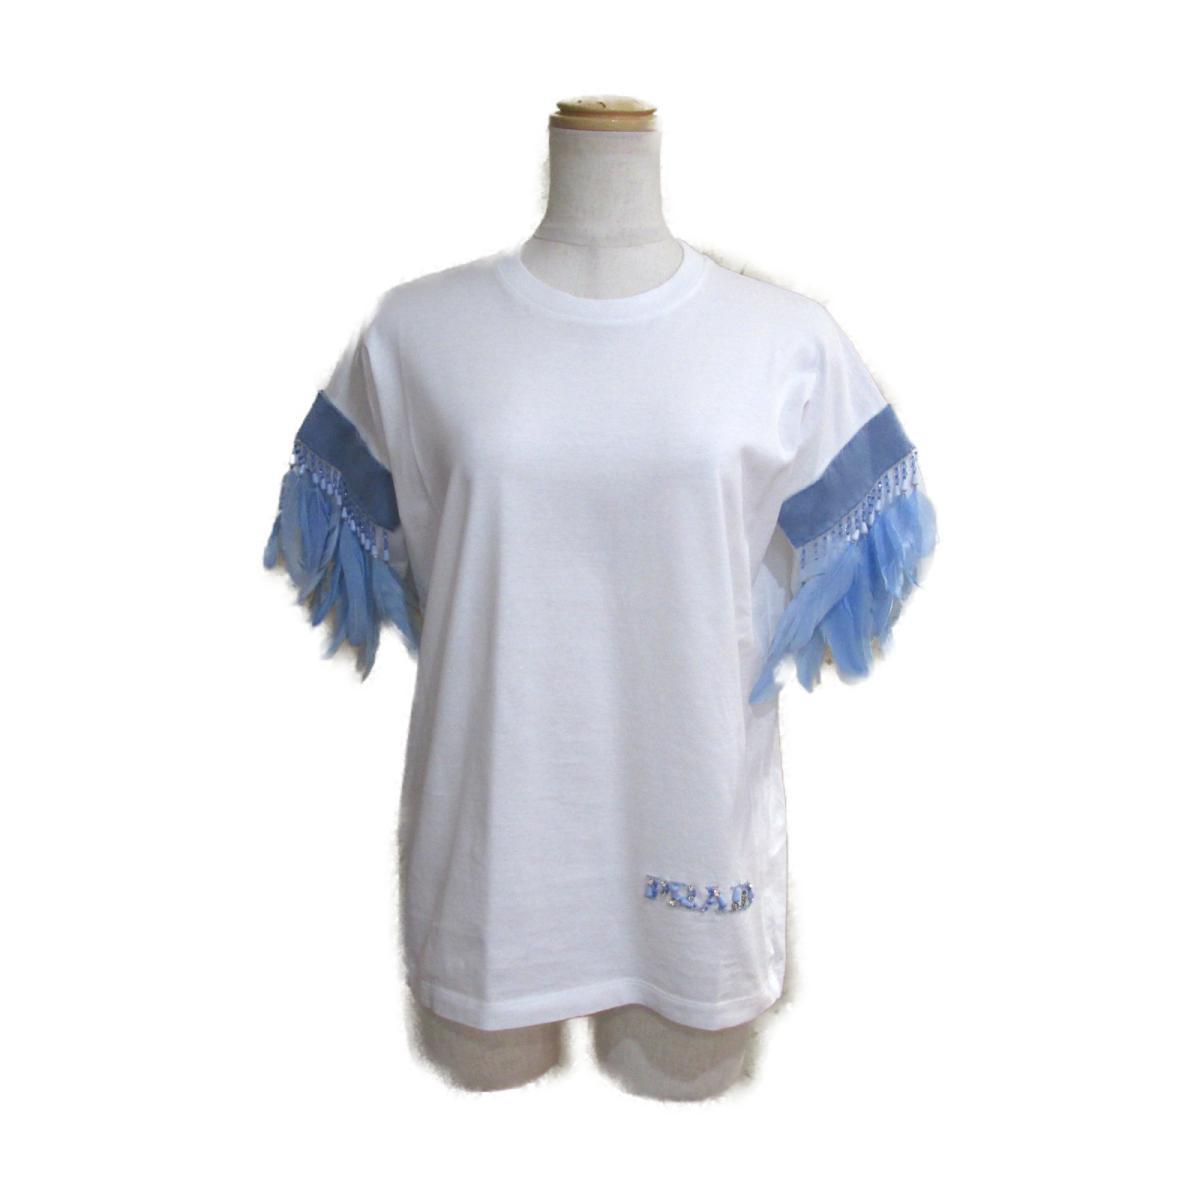 【中古】 プラダ 2017 Tシャツ レディース コットン100% ホワイト × ライトブルー | PRADA BRANDOFF ブランドオフ 衣料品 衣類 ブランド トップス シャツ カットソー